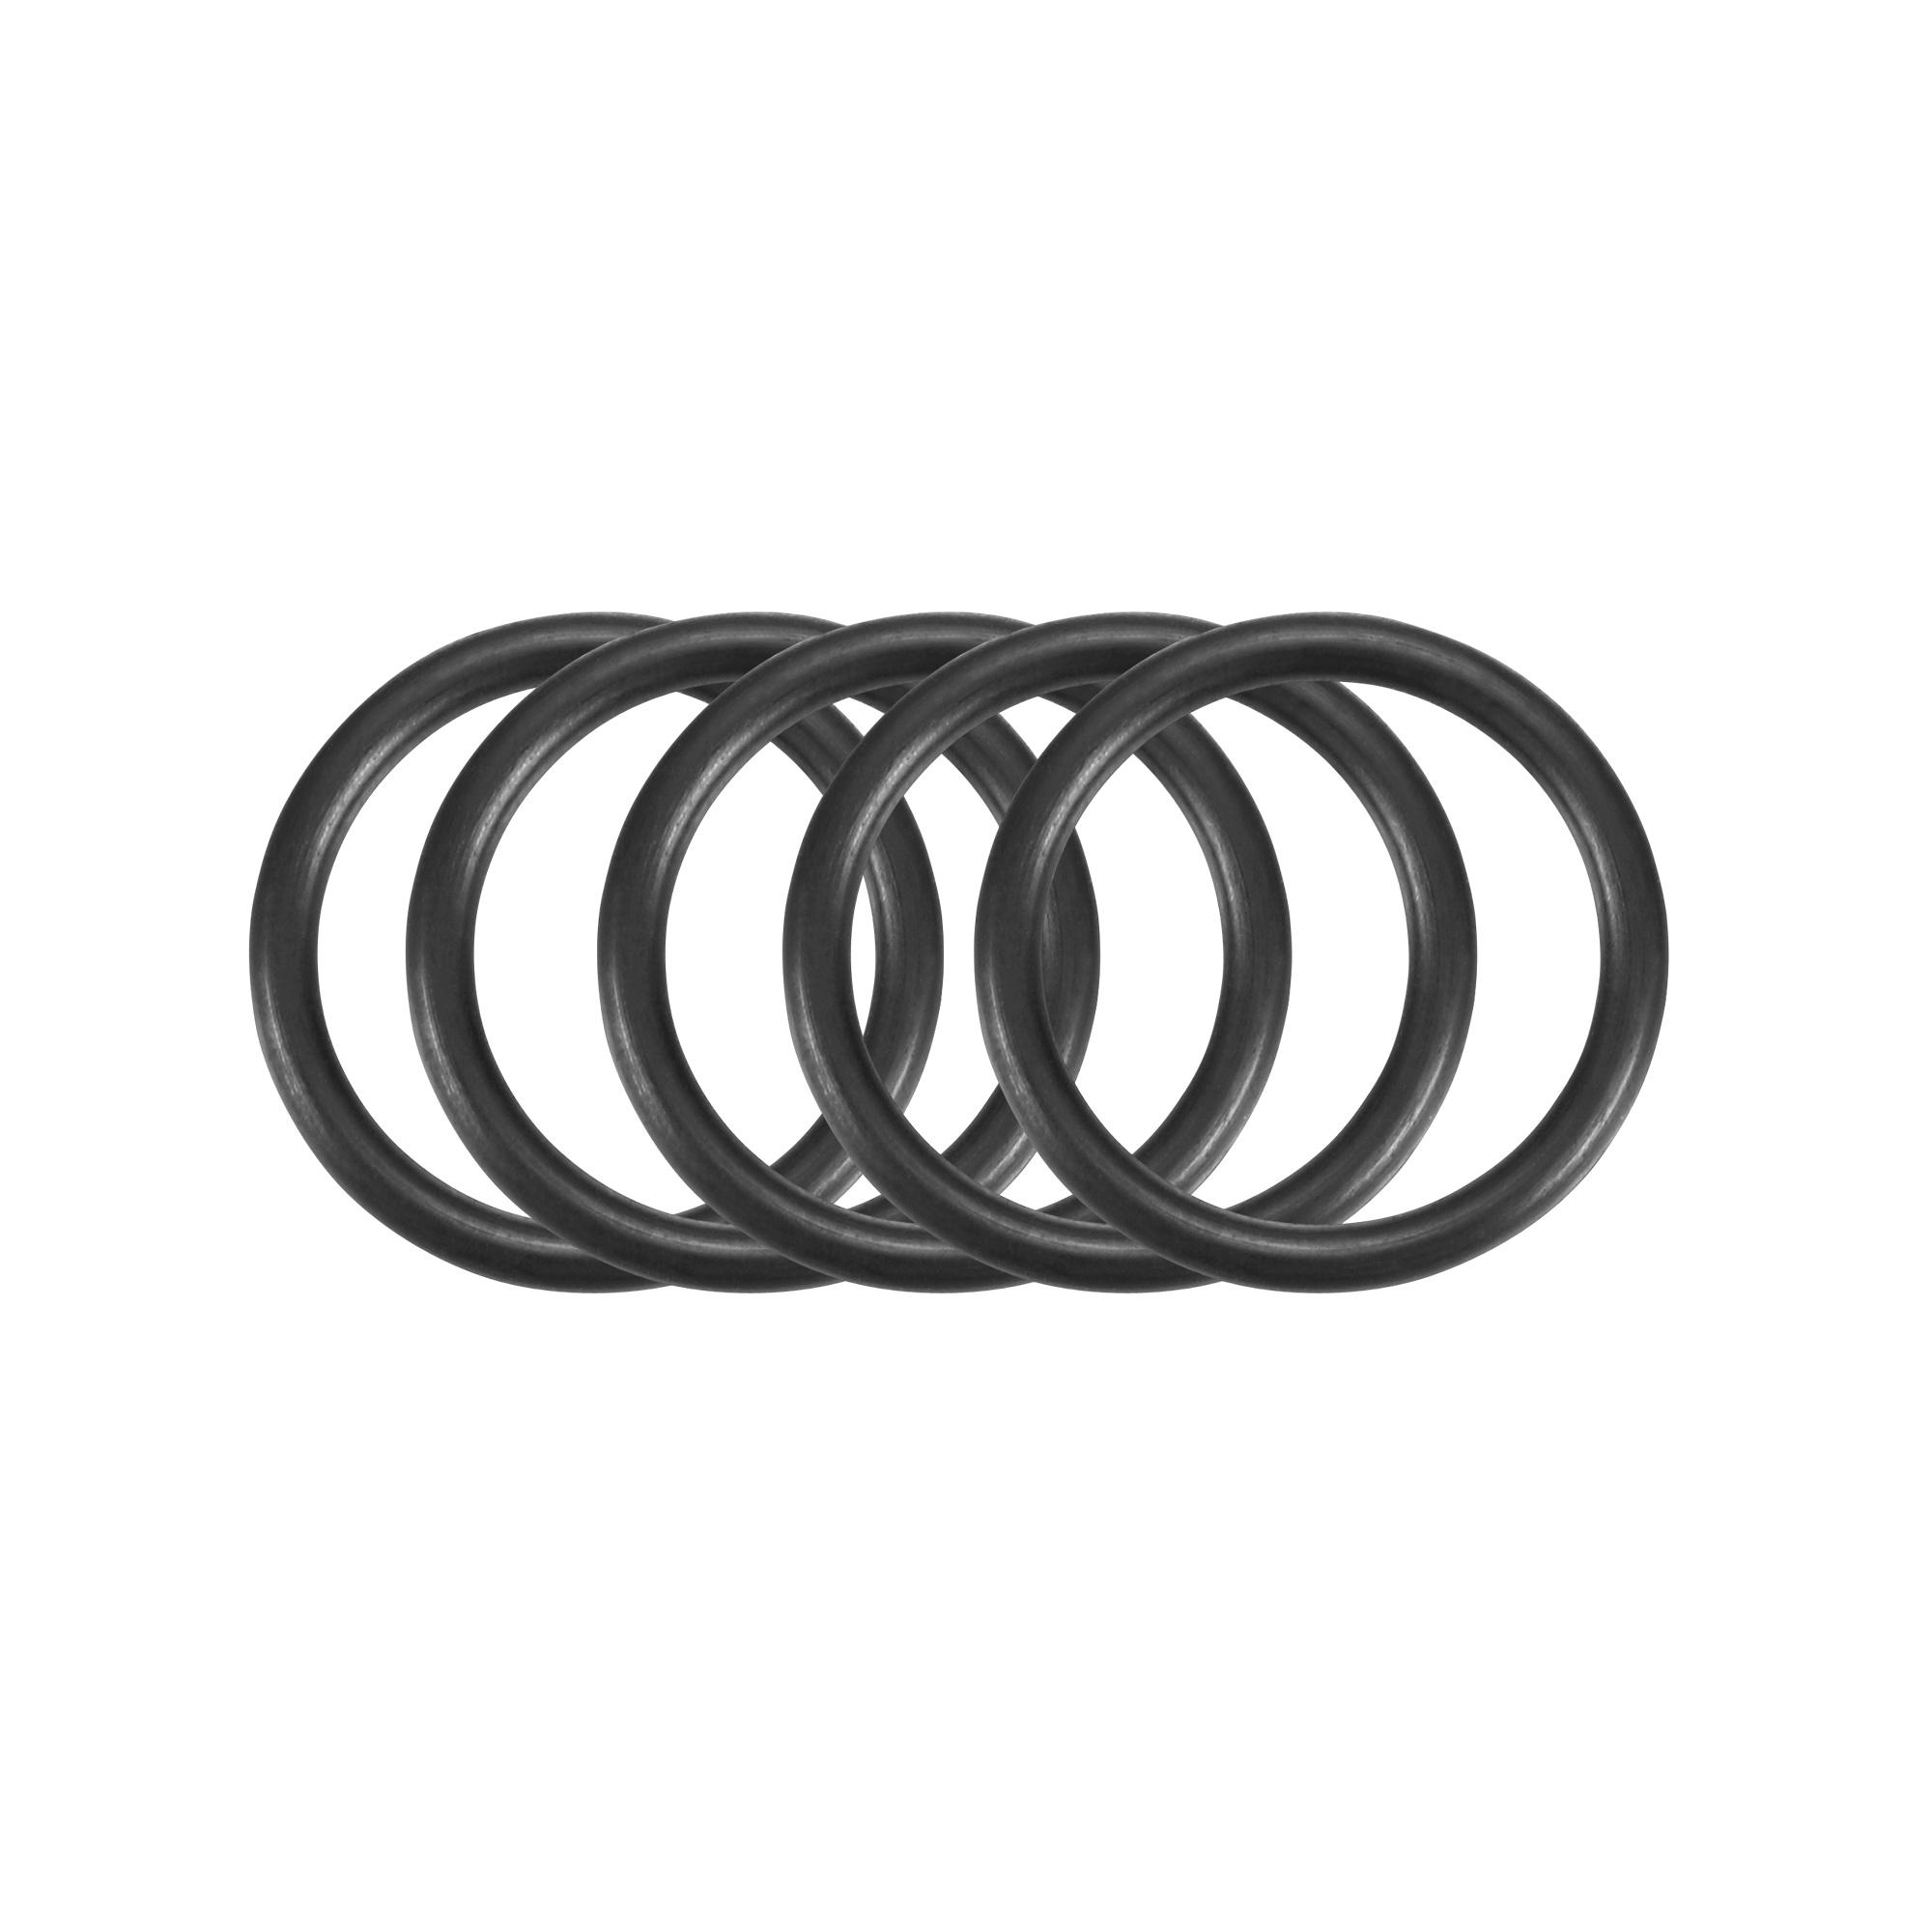 30pcs Black Nitrile Butadiene Rubber NBR O-Ring 11.5mm Inner Dia 1.5mm Width